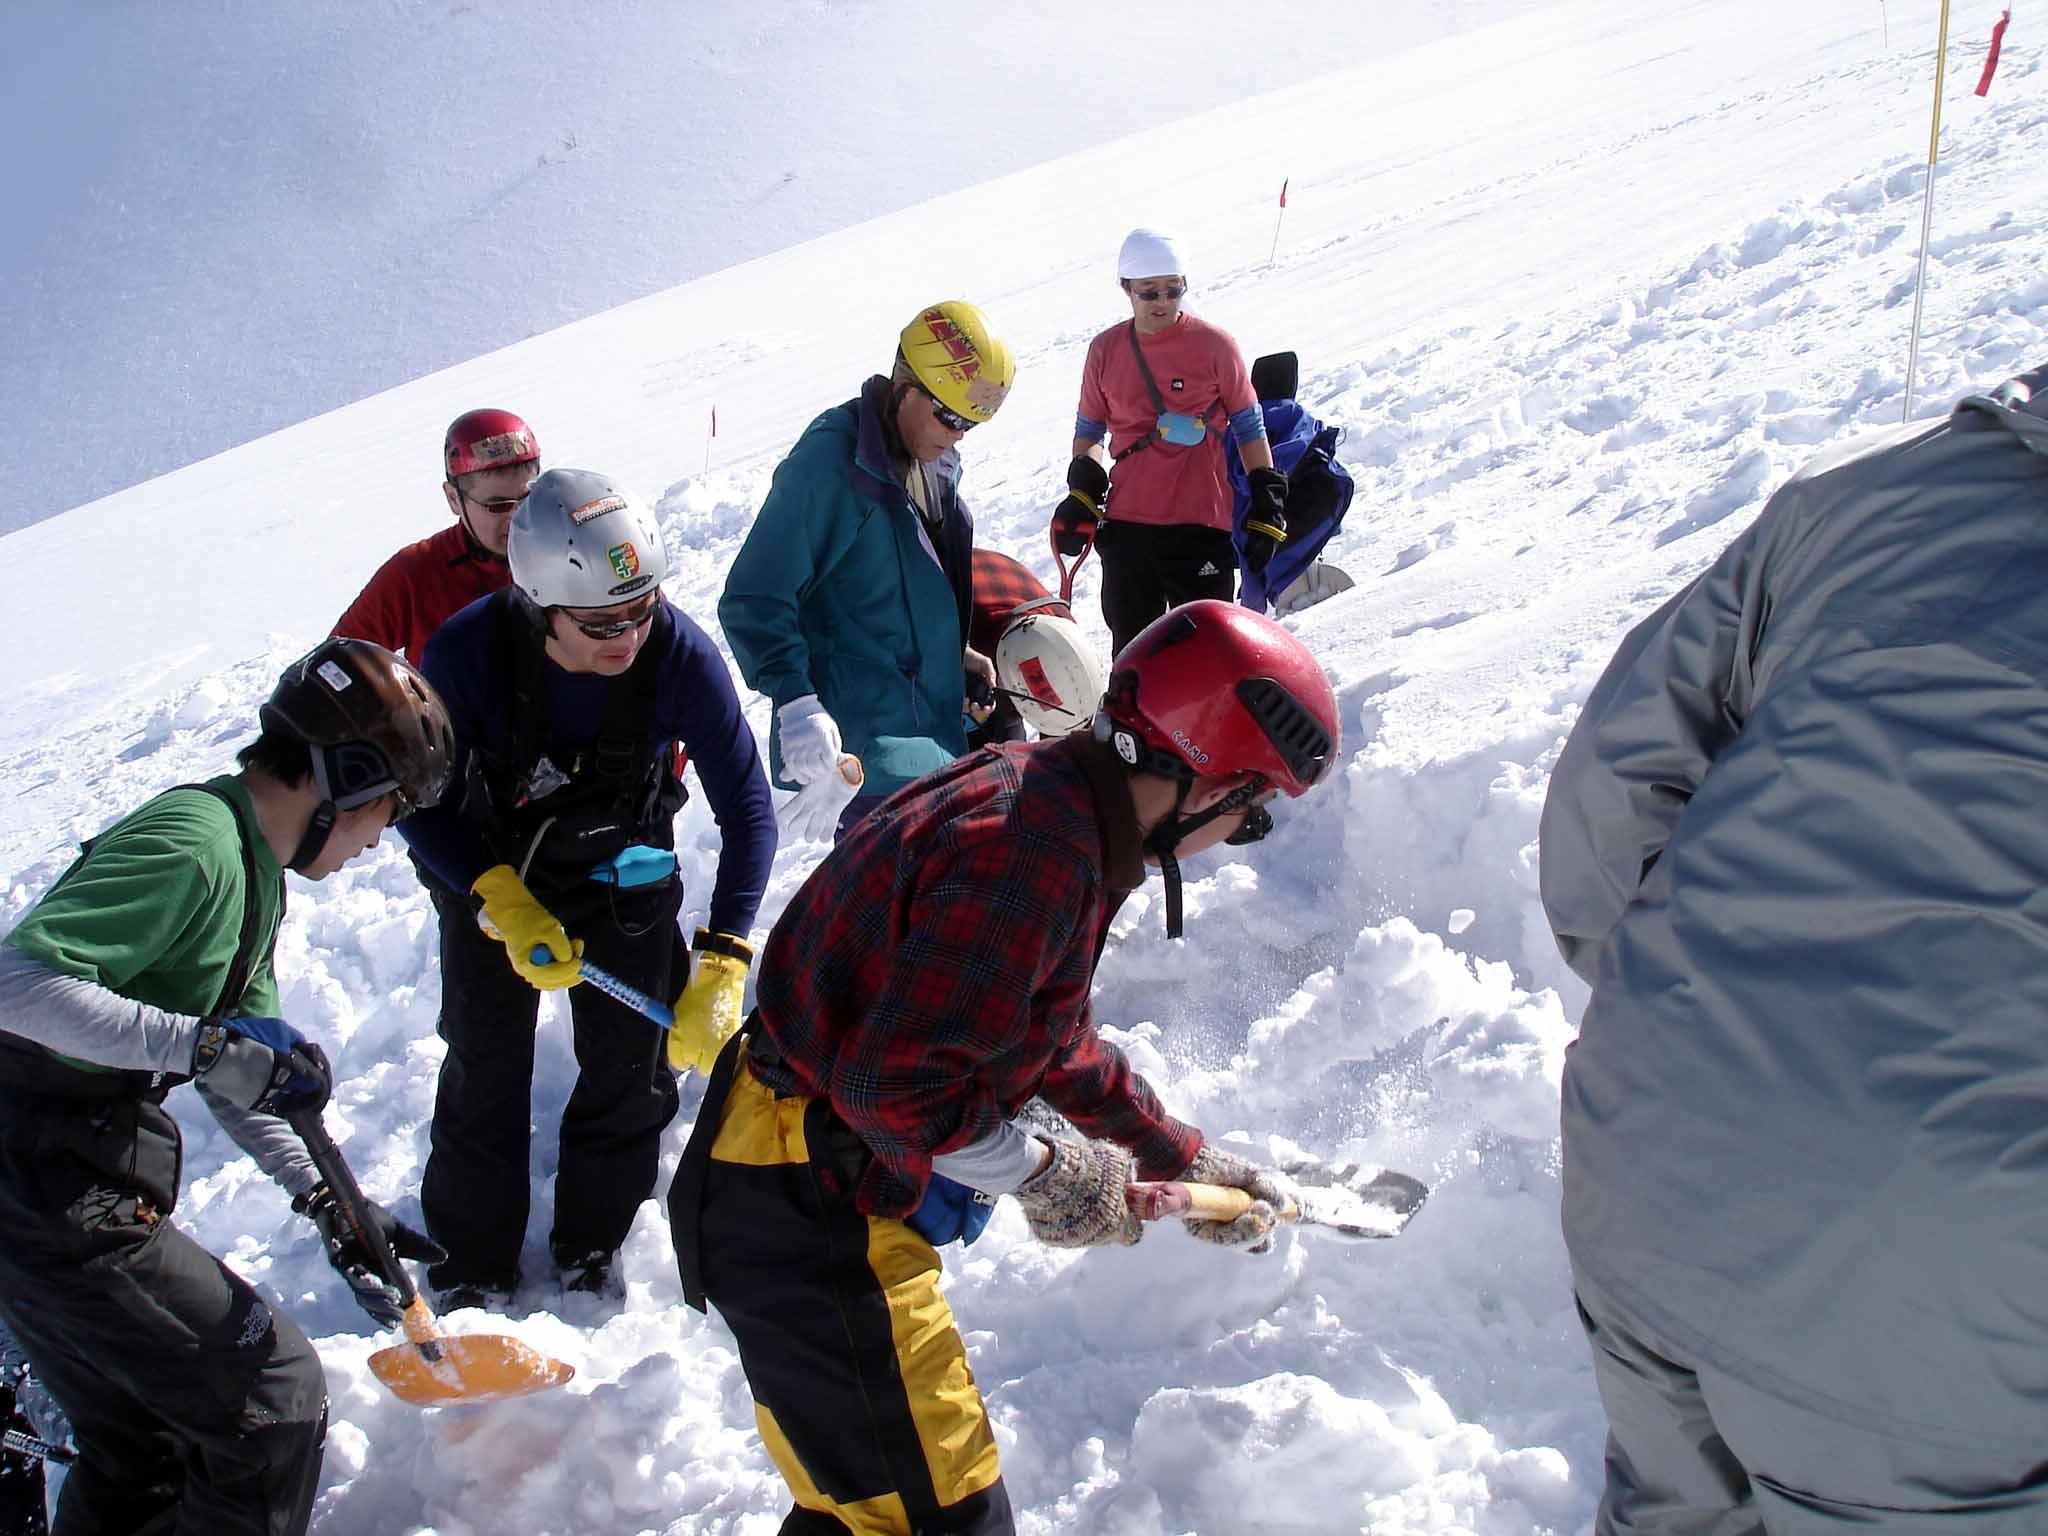 長野山岳レスキュー 埋没体験者を埋めます